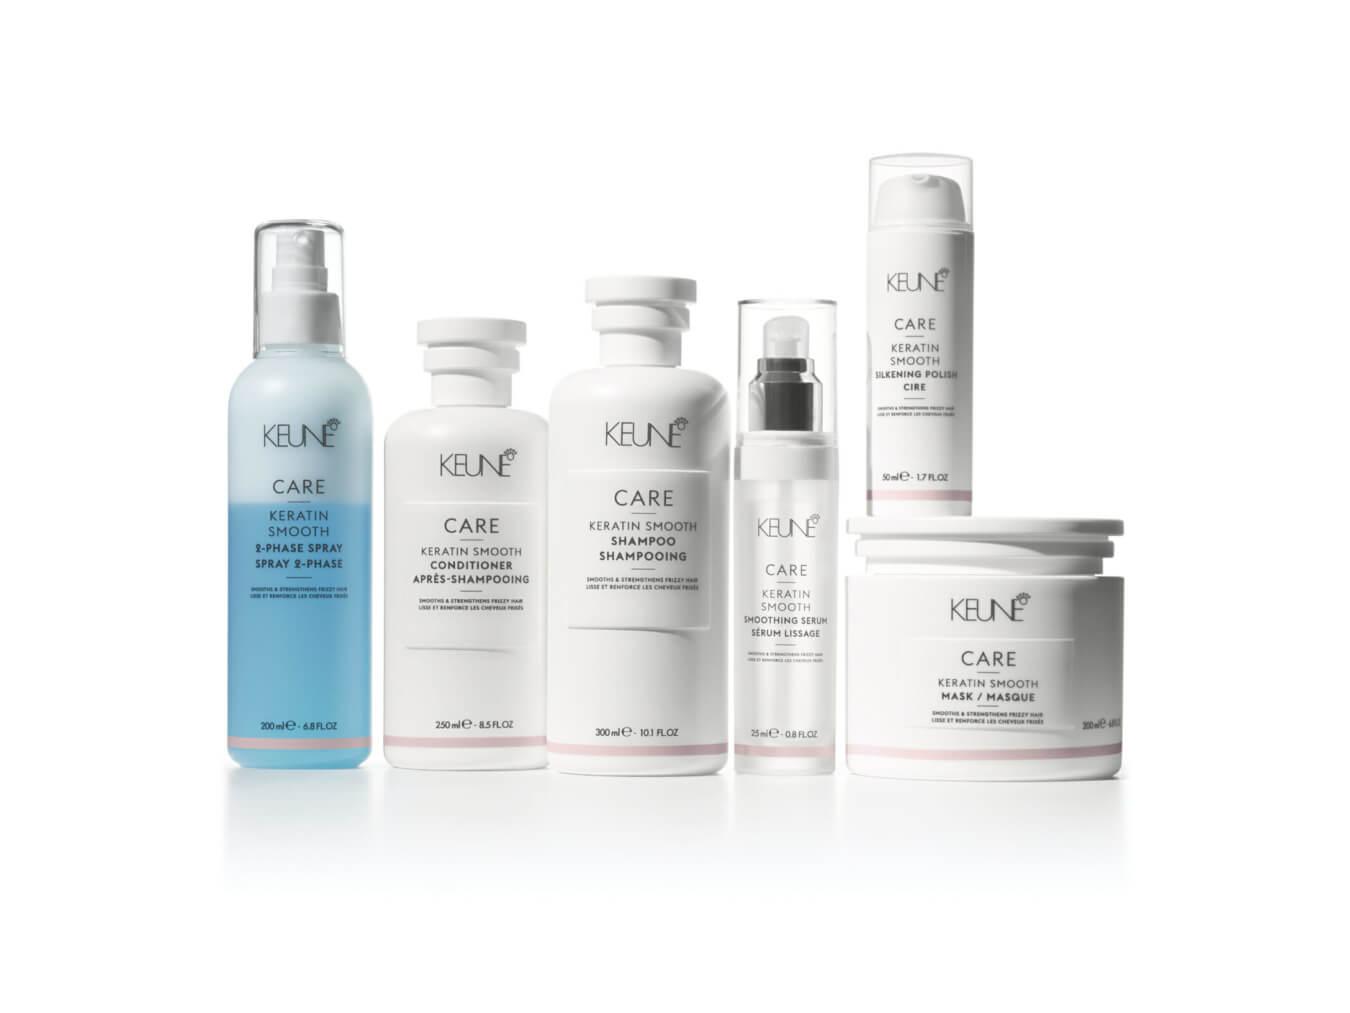 Eine Keratinbehandlung bringt den natürlichen Keratinbaustein zurück in Ihr Haar.